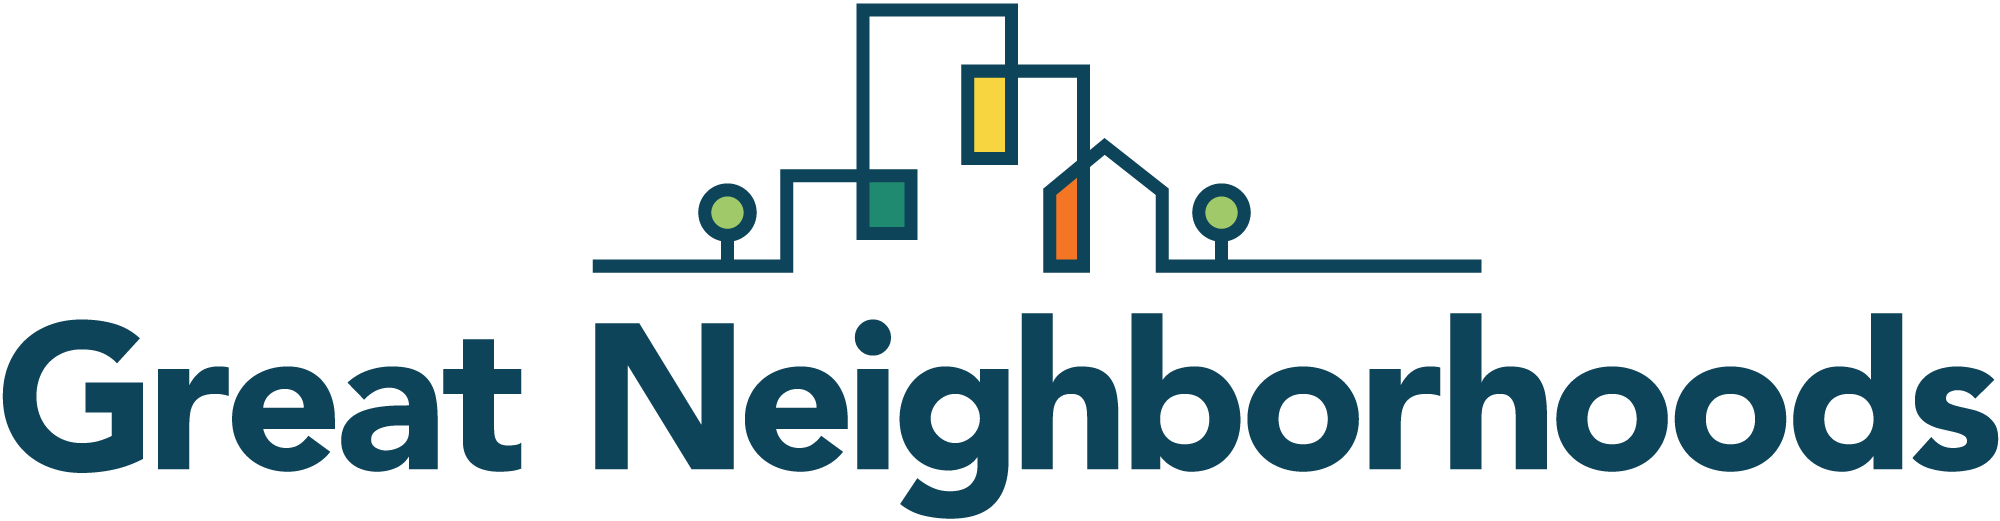 Great Neighborhoods